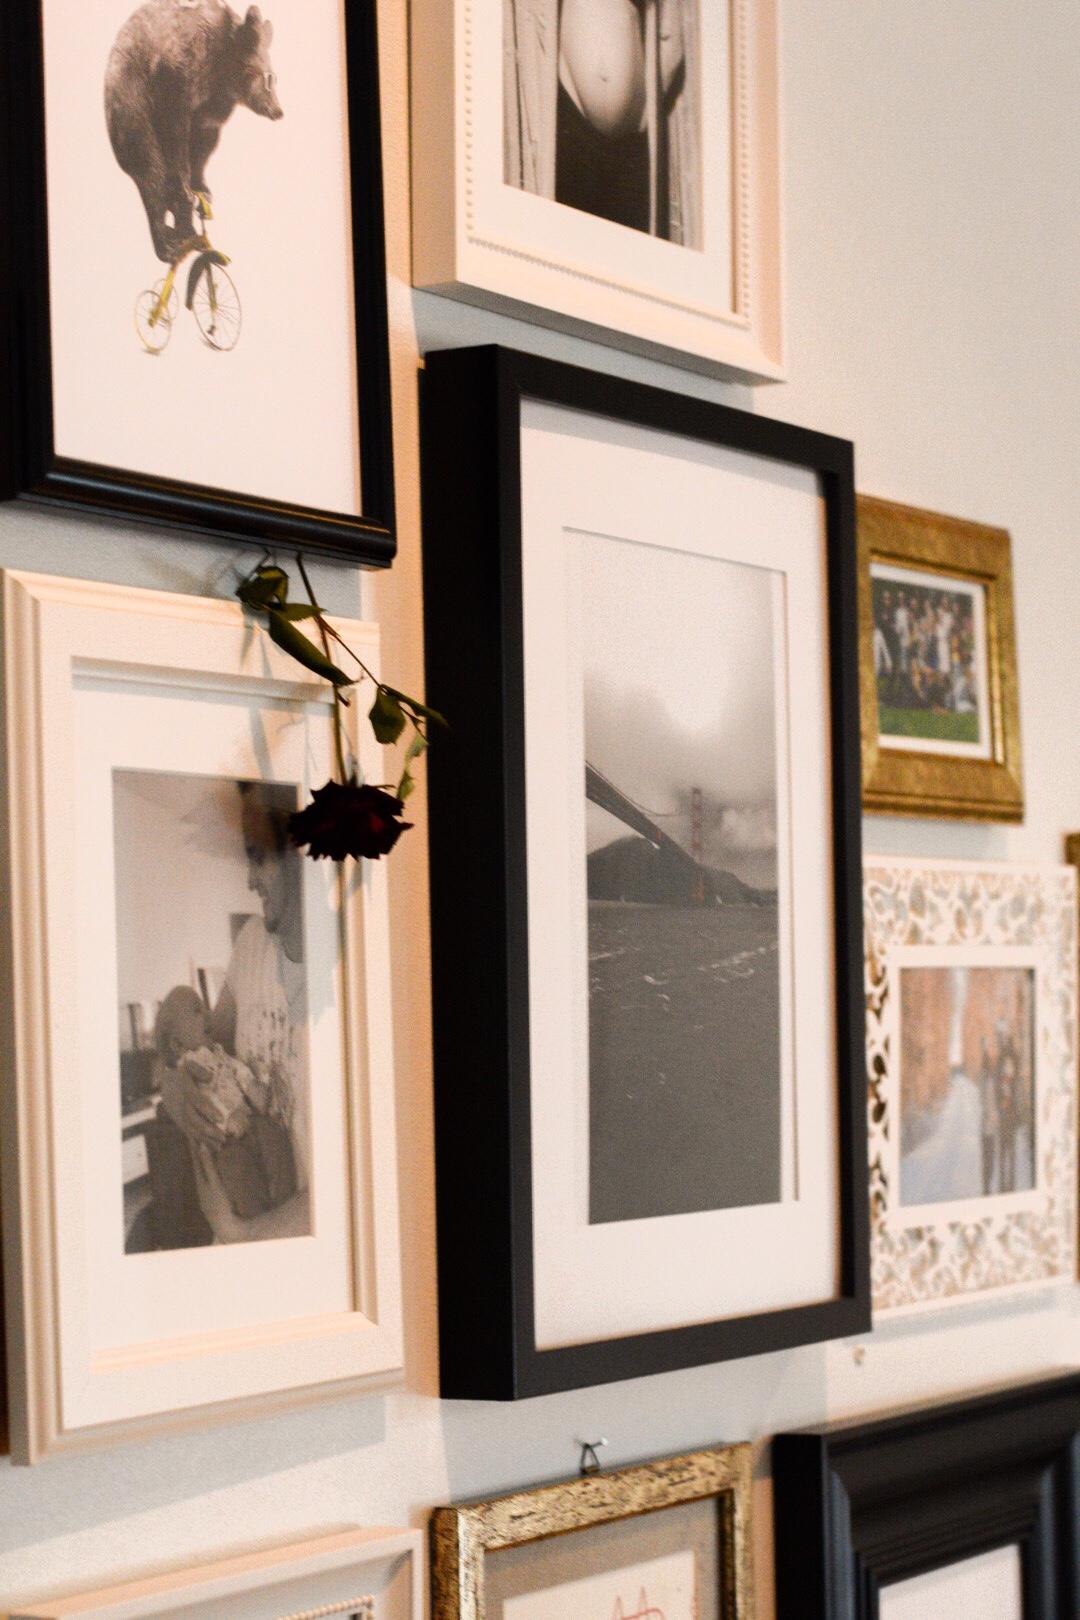 Gallery wall, galleri vägg, fotoramar